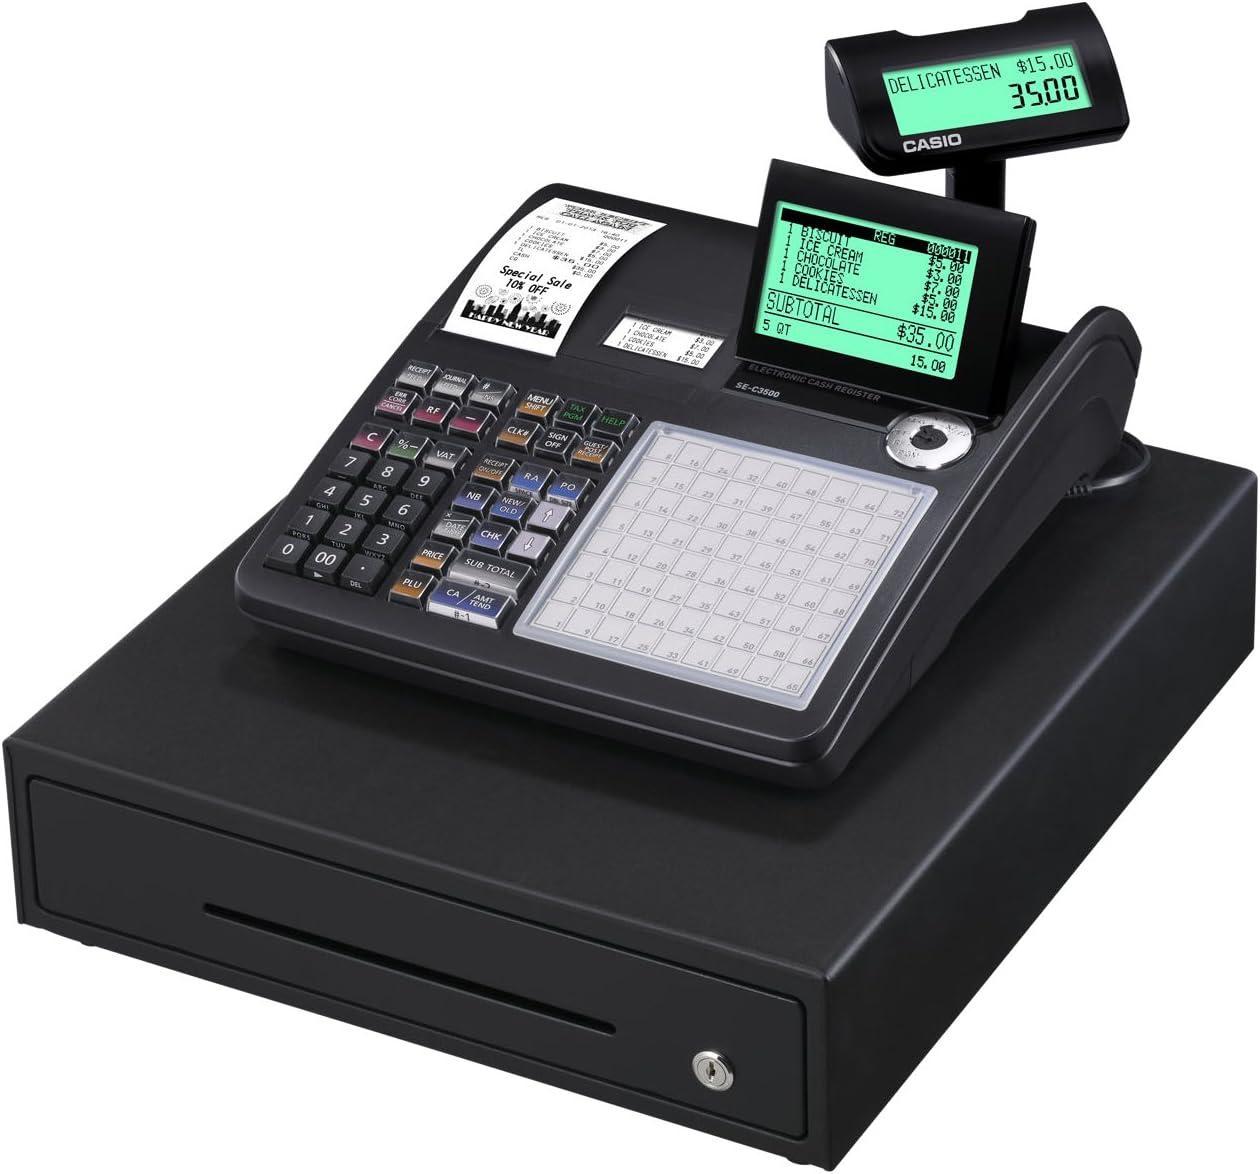 Casio SE-C3500MB-FIS GDPdU a habilitar caja registradora incluyendo licencia de software, tarjeta SD y la batería paquete completo y línea telefónica gratuita, negro